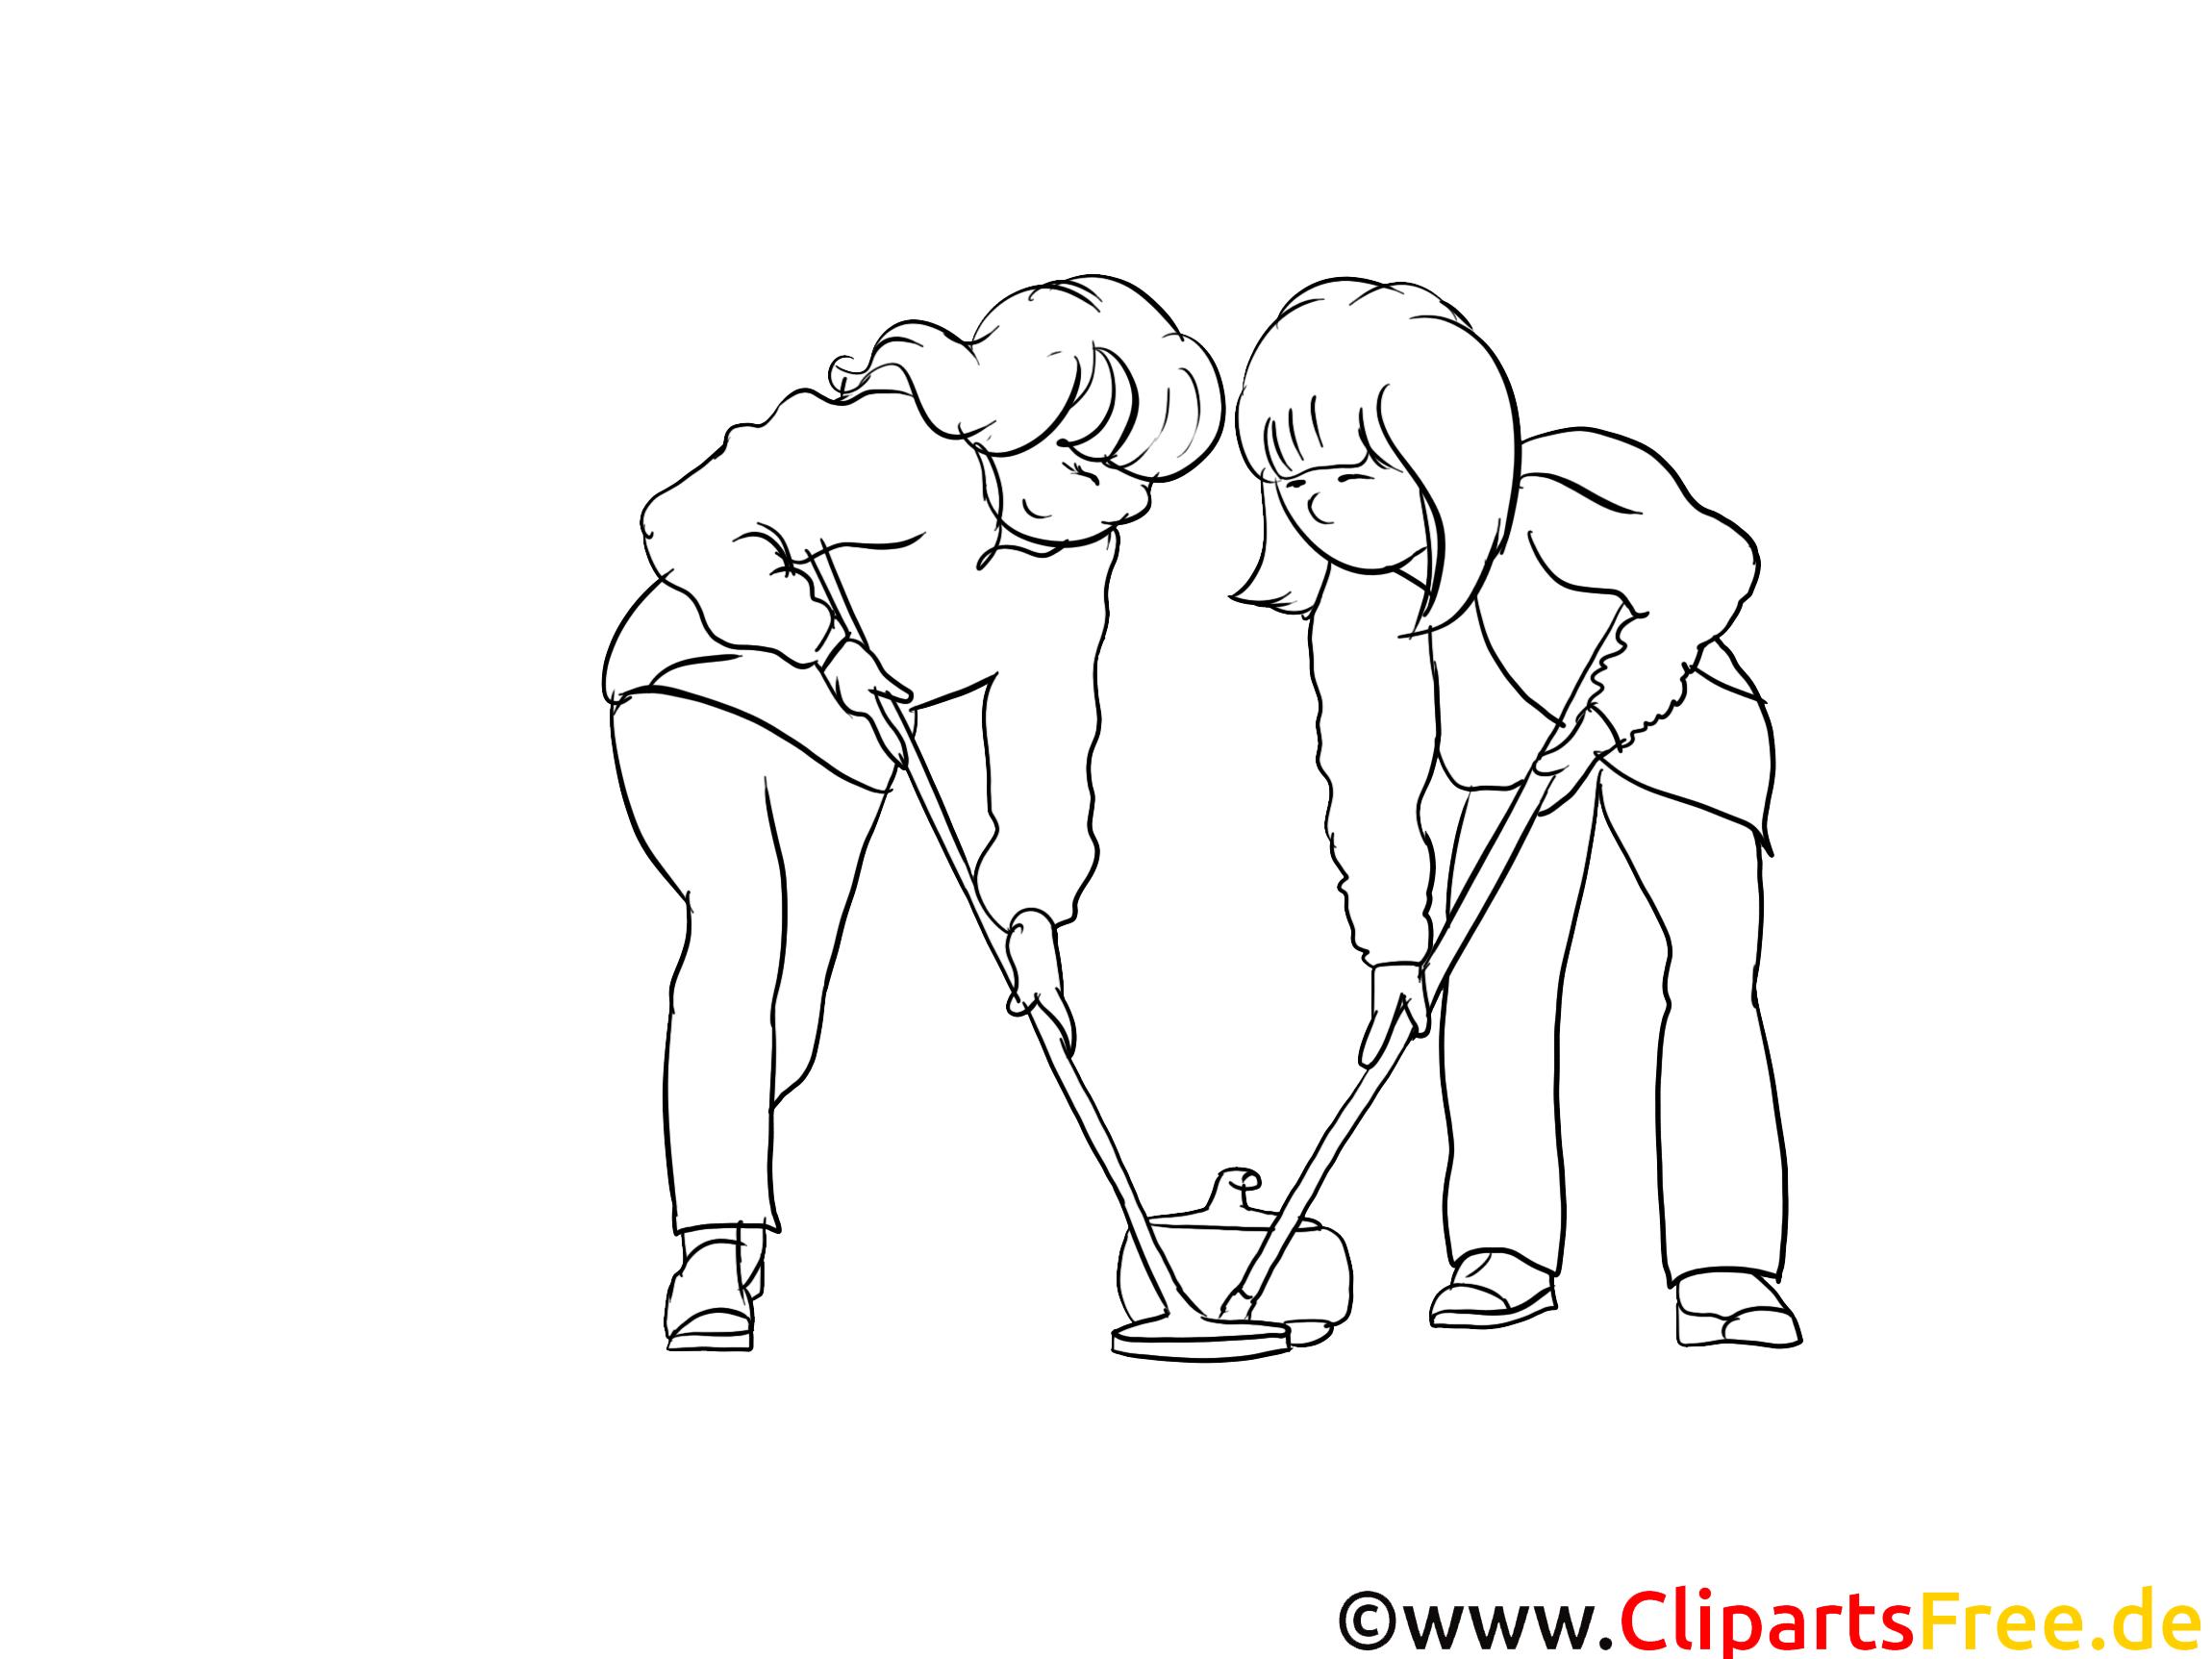 Curling dessin gratuit à imprimer